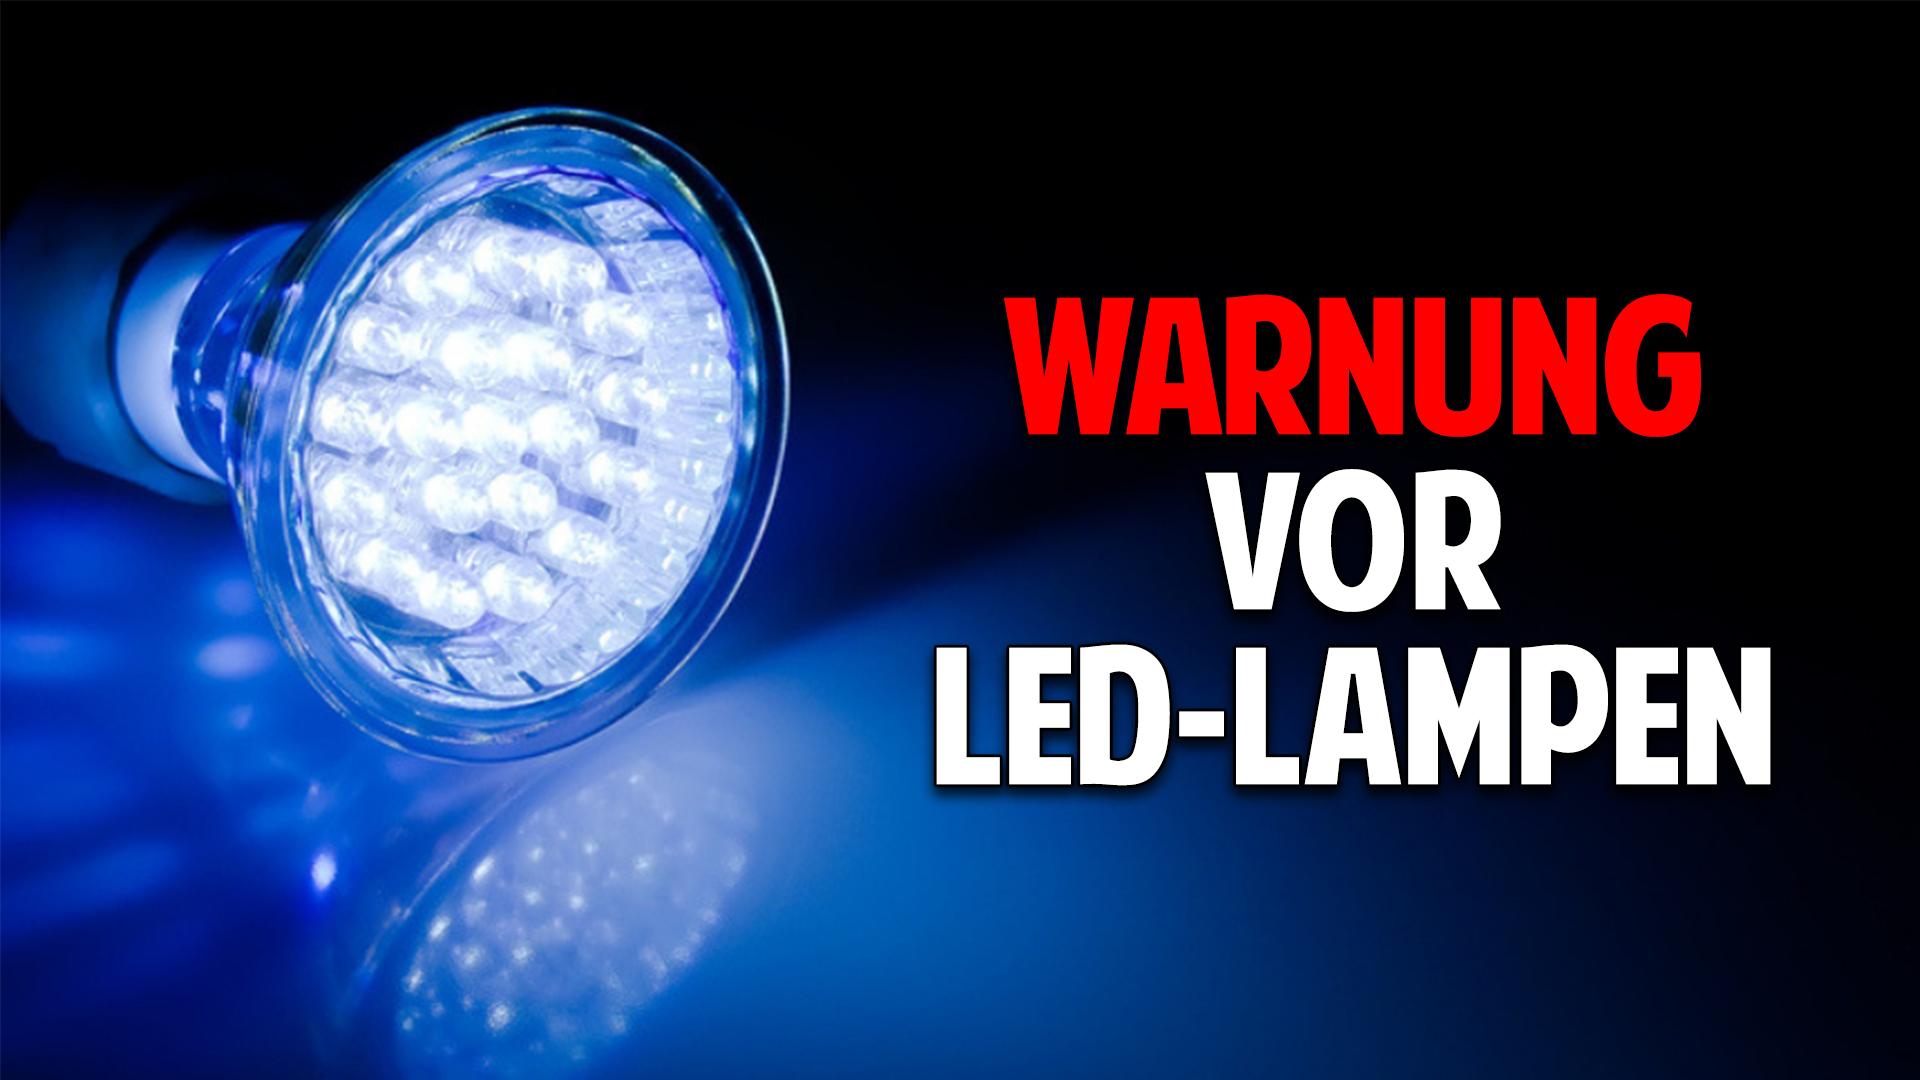 Ist Led Licht Schädlich